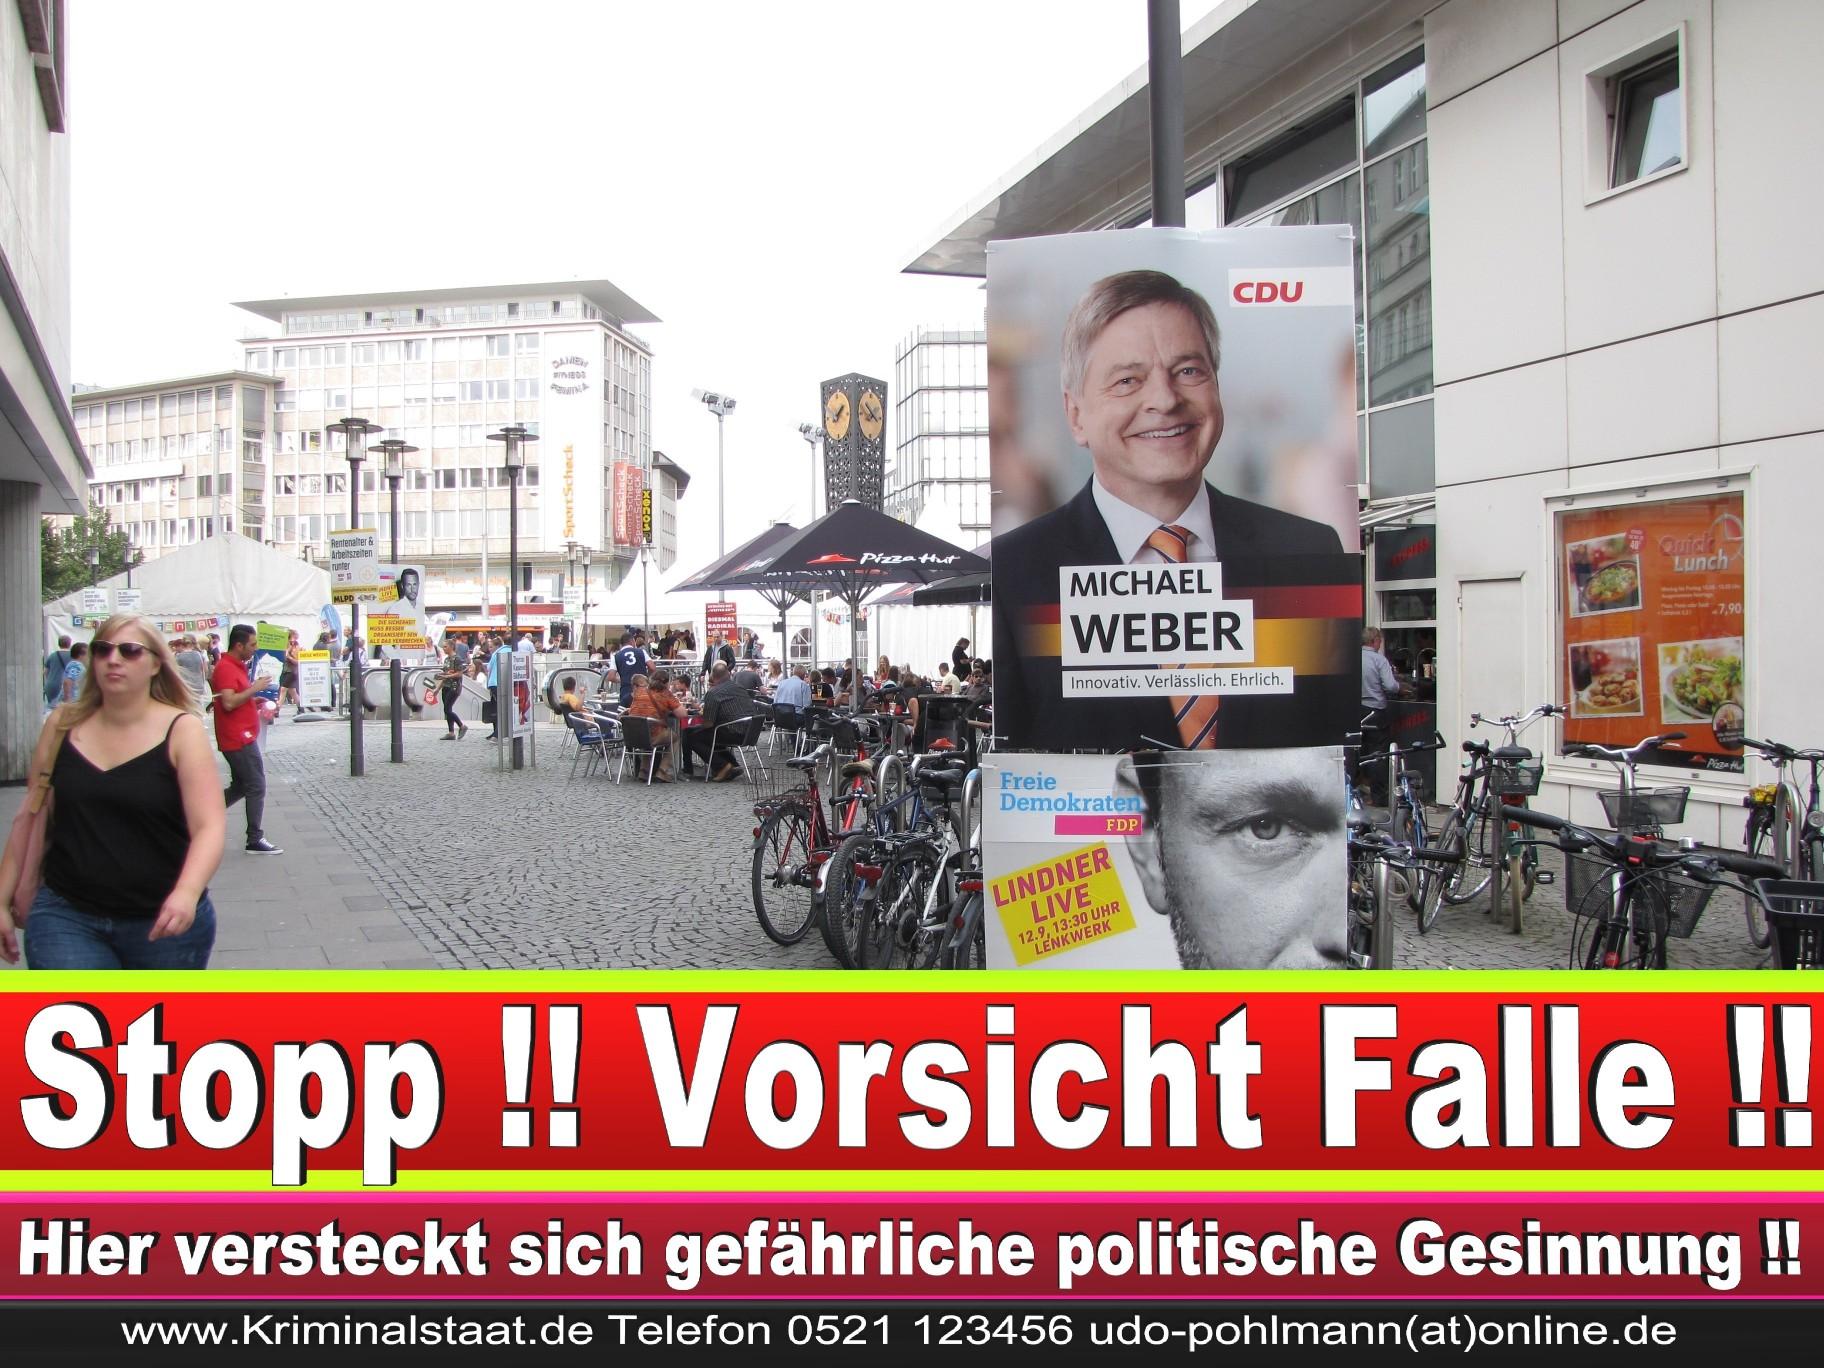 Wahlwerbung Wahlplakate Landtagswahl 2019 Europawahl CDU SPD FDP 2021 (48)